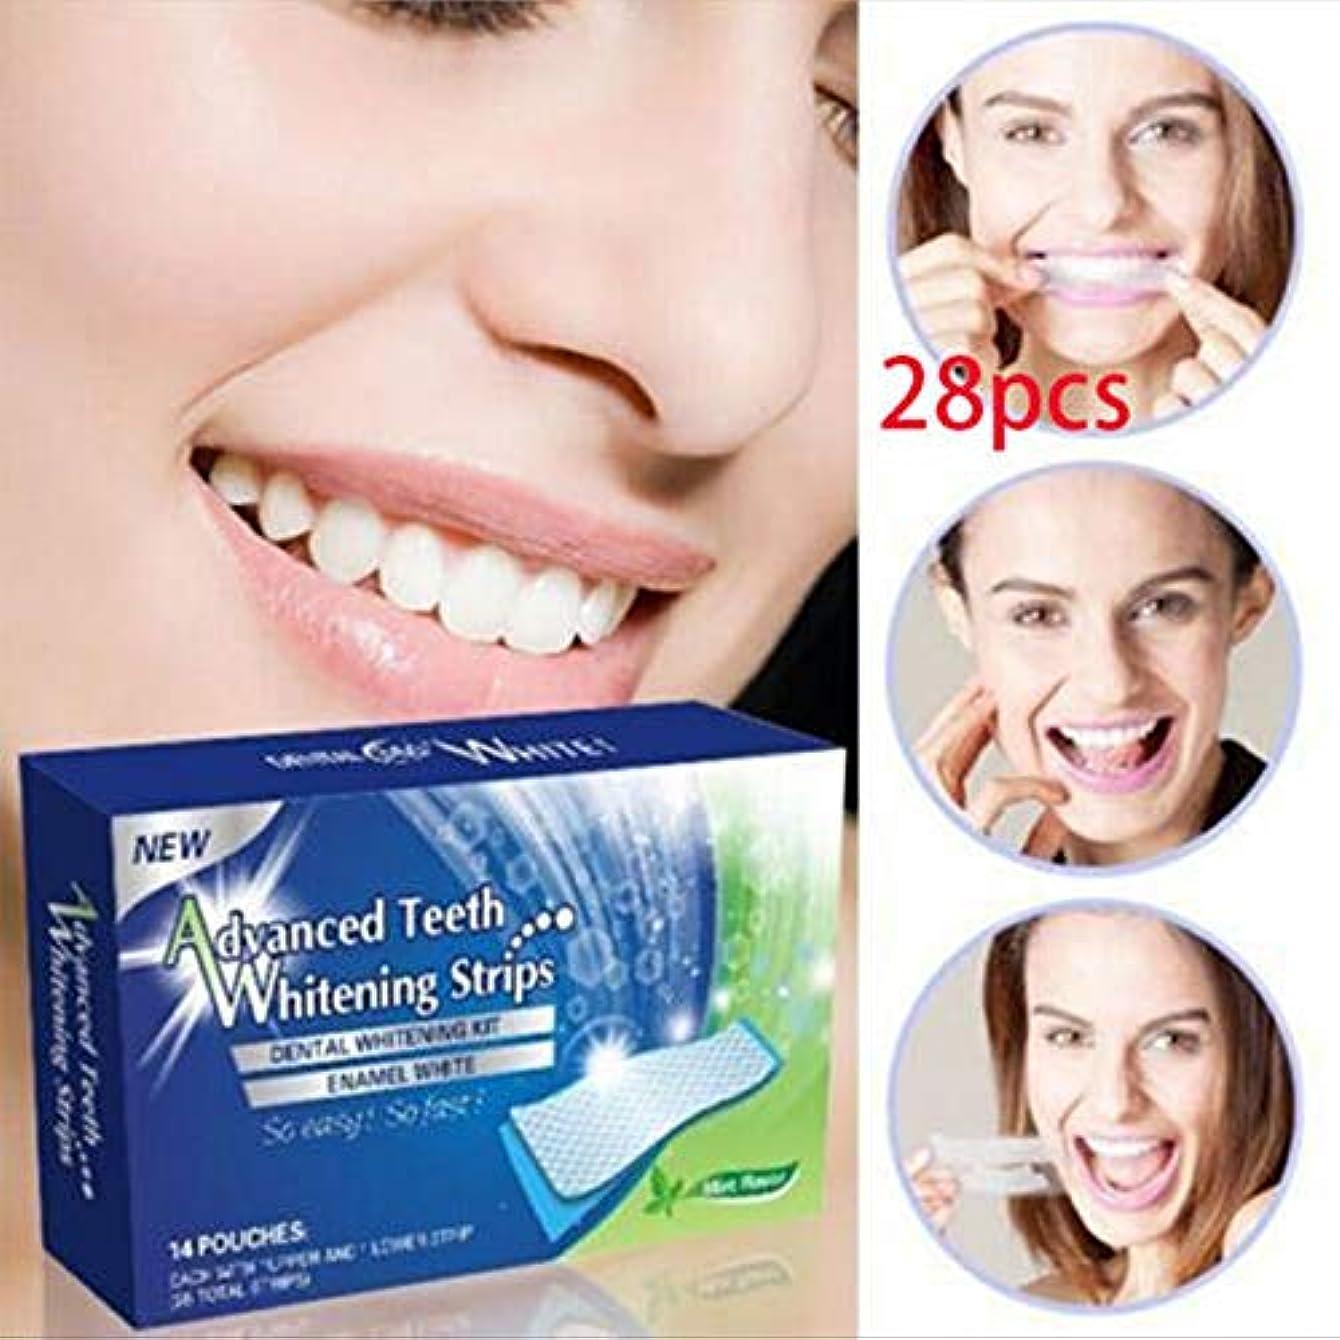 してはいけないミュート確かな歯 美白 ホワイトニング マニキュア 歯ケア 歯のホワイトニング 美白歯磨き 歯を白 ホワイトニングテープ 歯を漂白 14セット/28枚